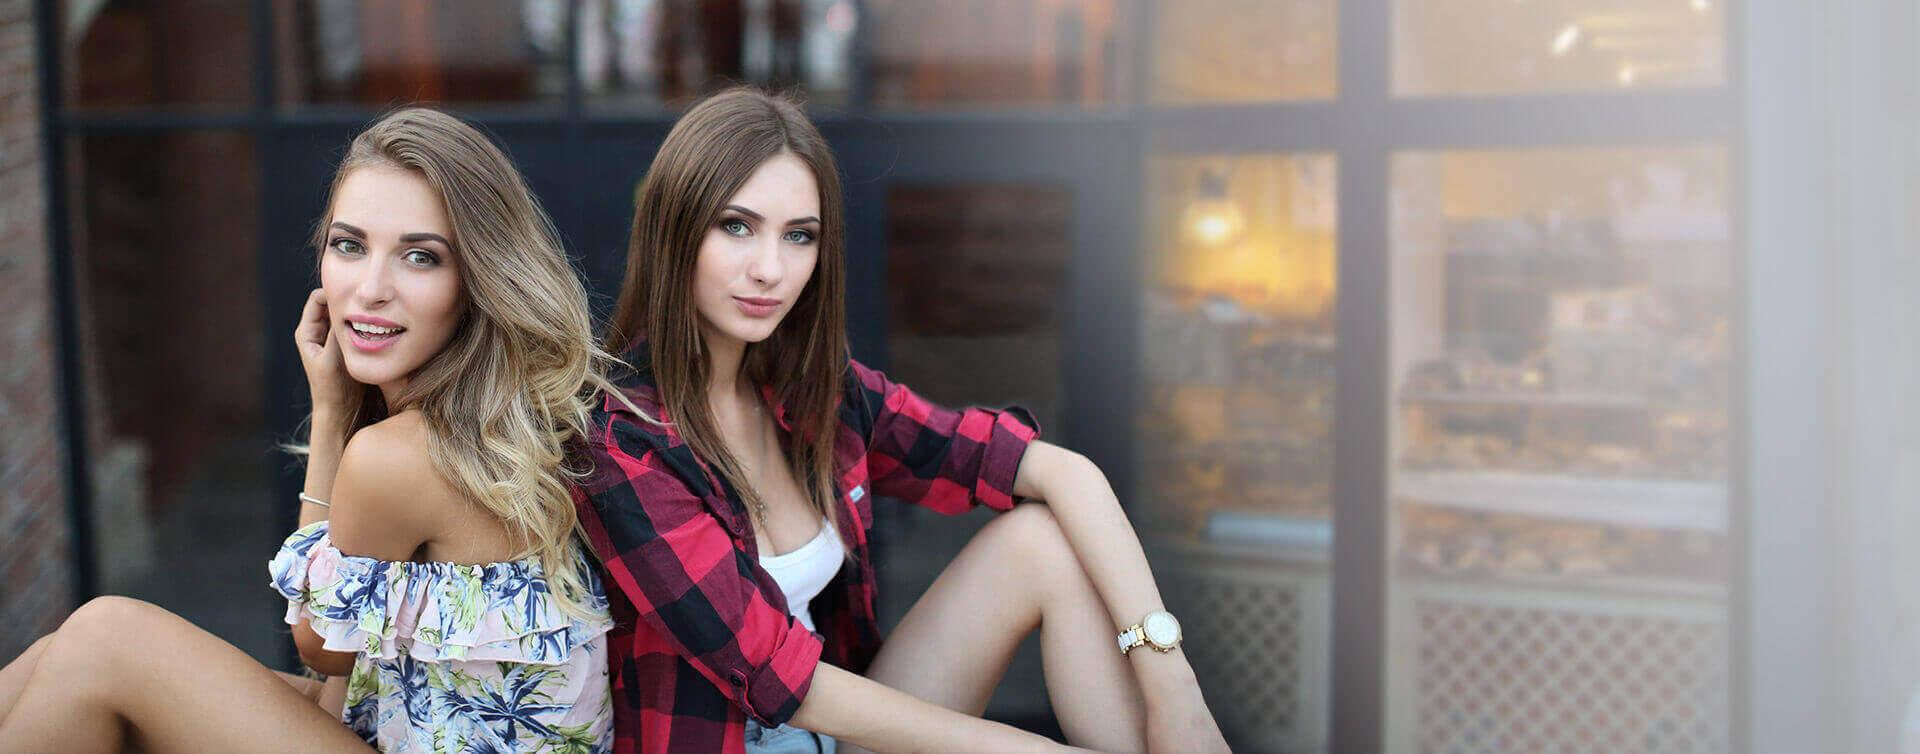 top Teen sites models